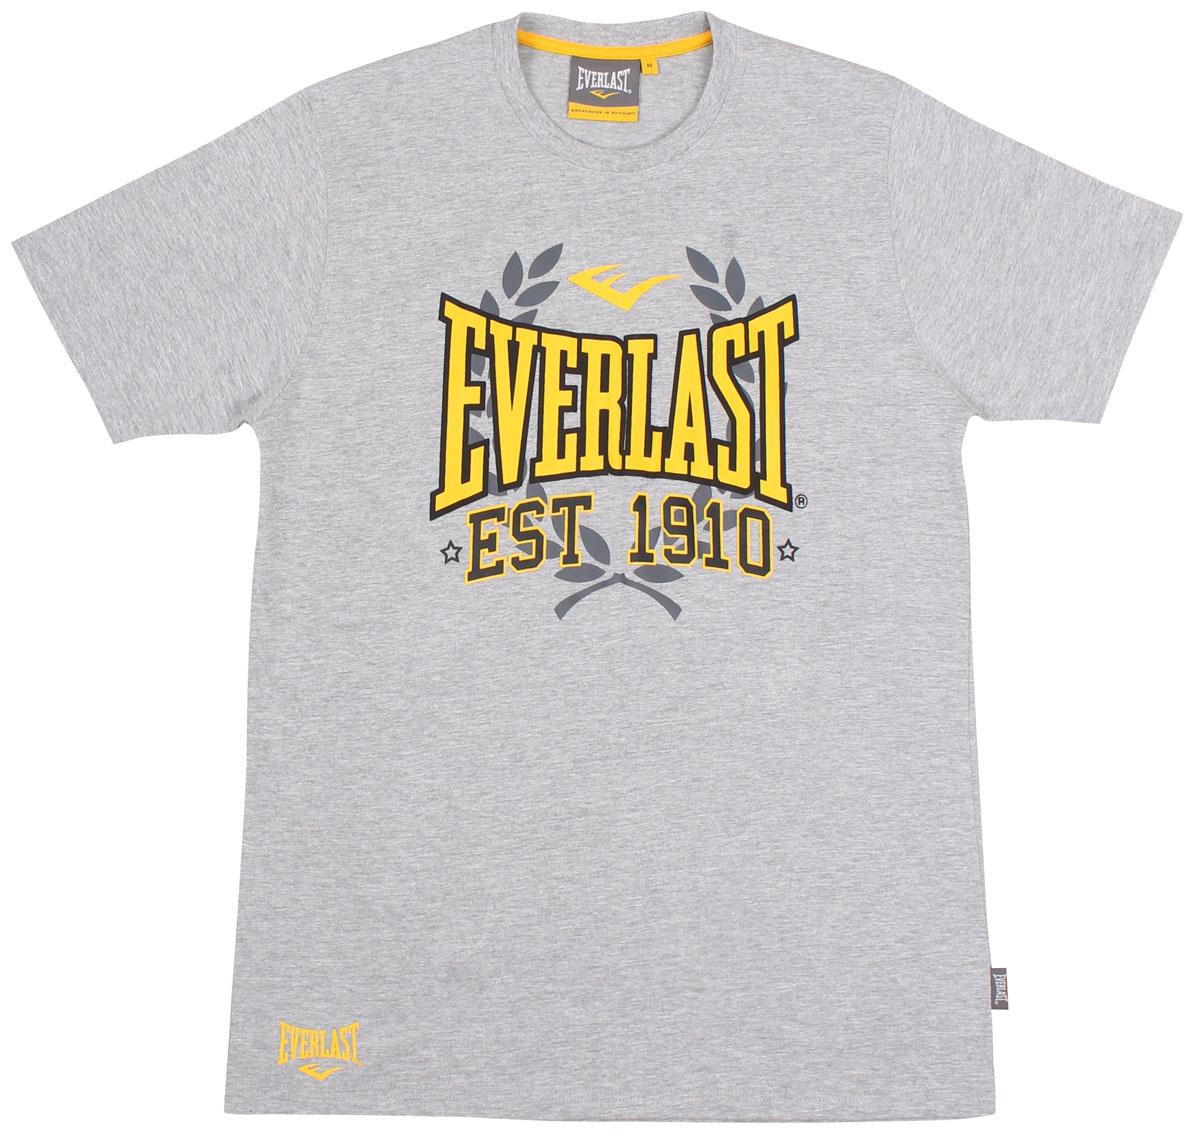 Футболка мужская Everlast Sports Marl 1910, цвет: серый. EVR9024. Размер XL (52/54) футболка мужская everlast heritage цвет белый evr6520 размер xl 52 54